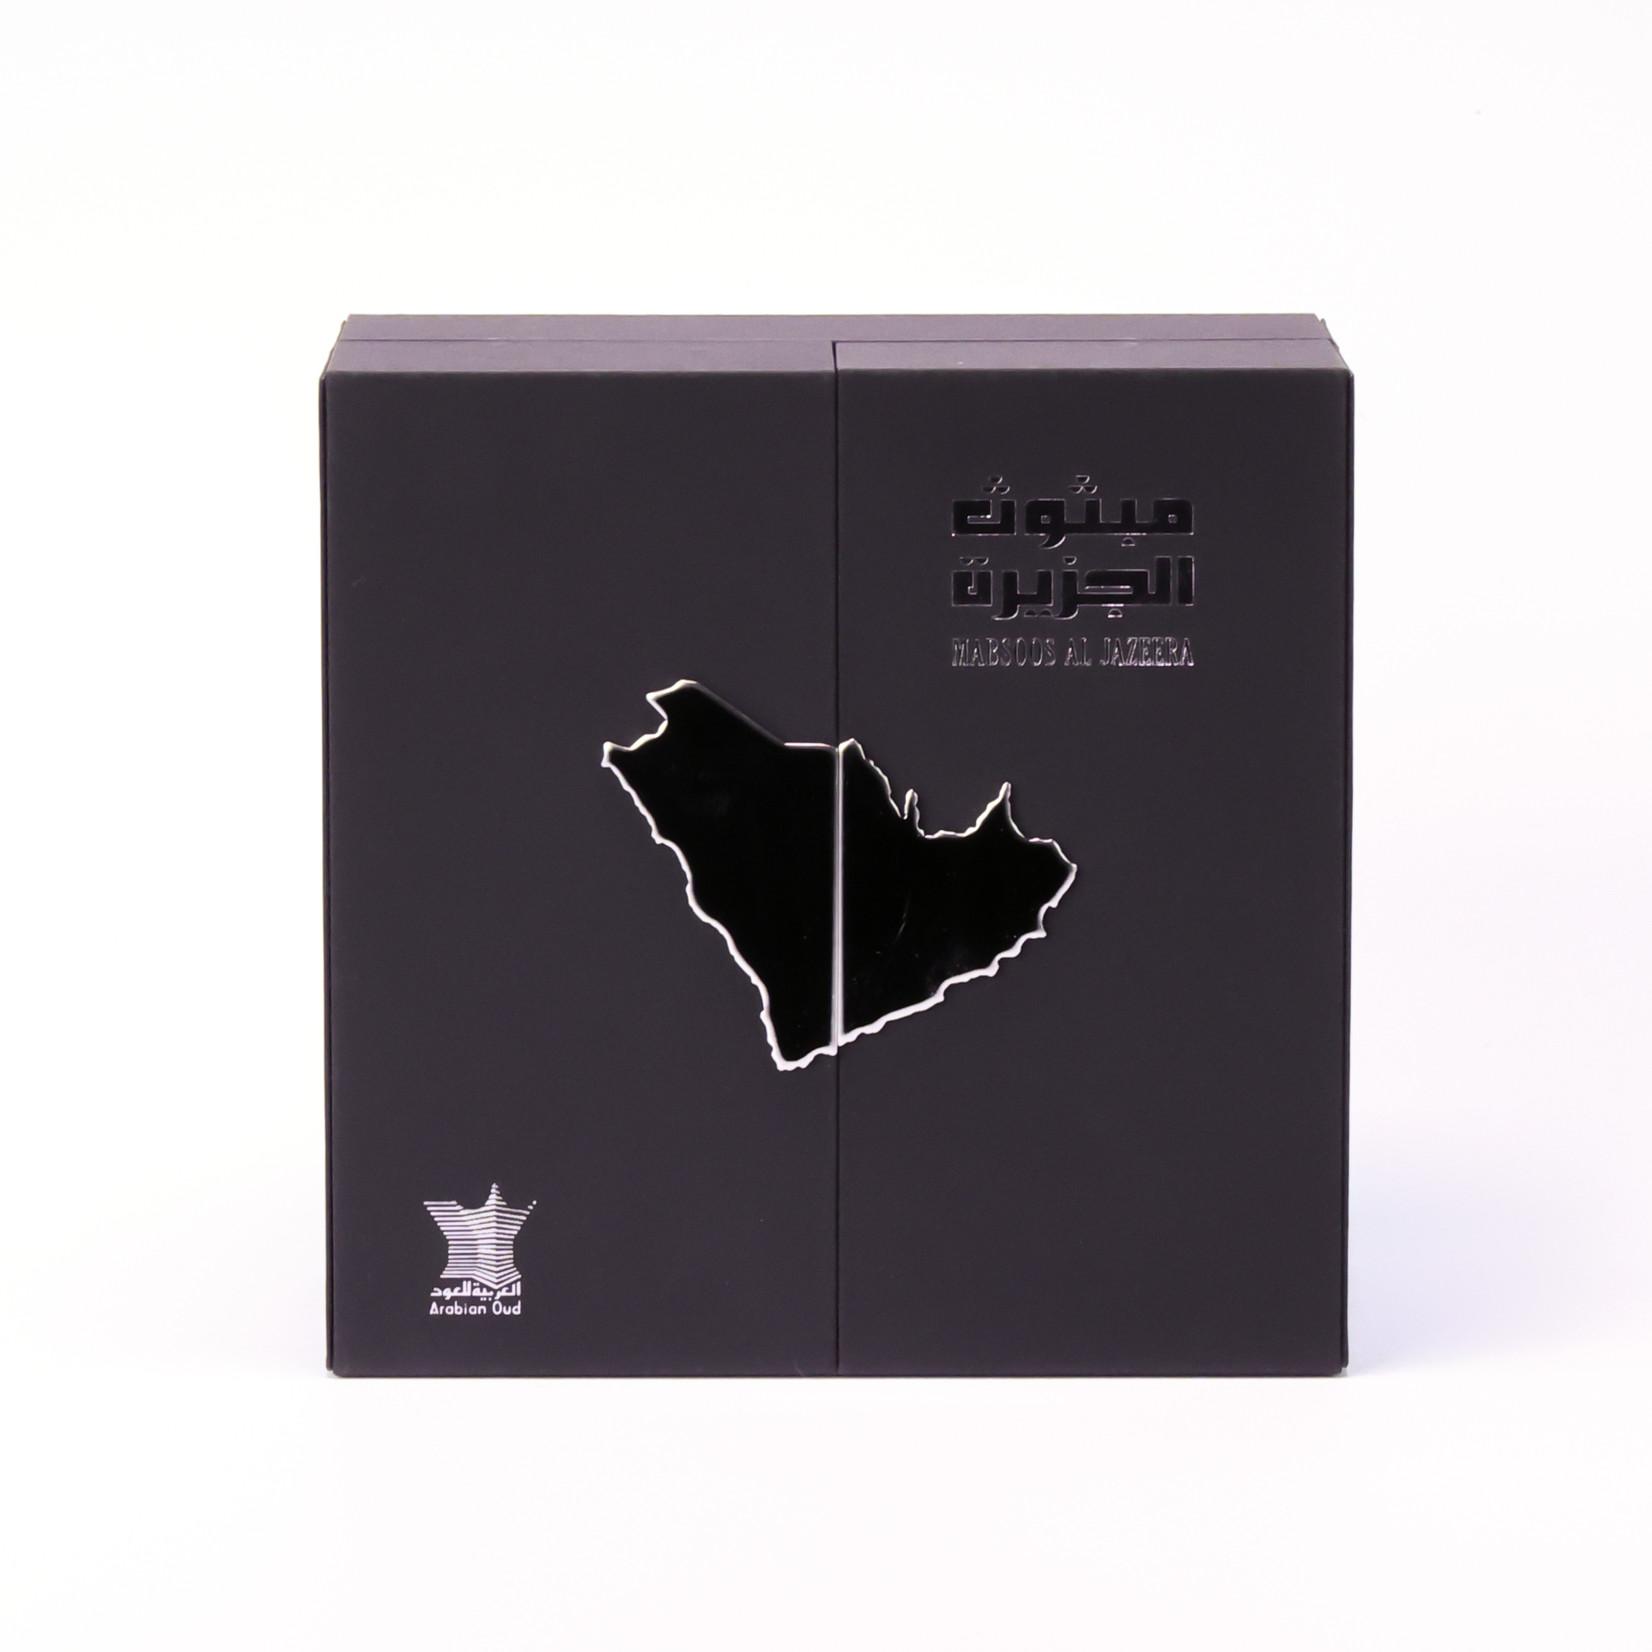 Arabian Oud Mabsoos Al Jazeera (75 Gram)